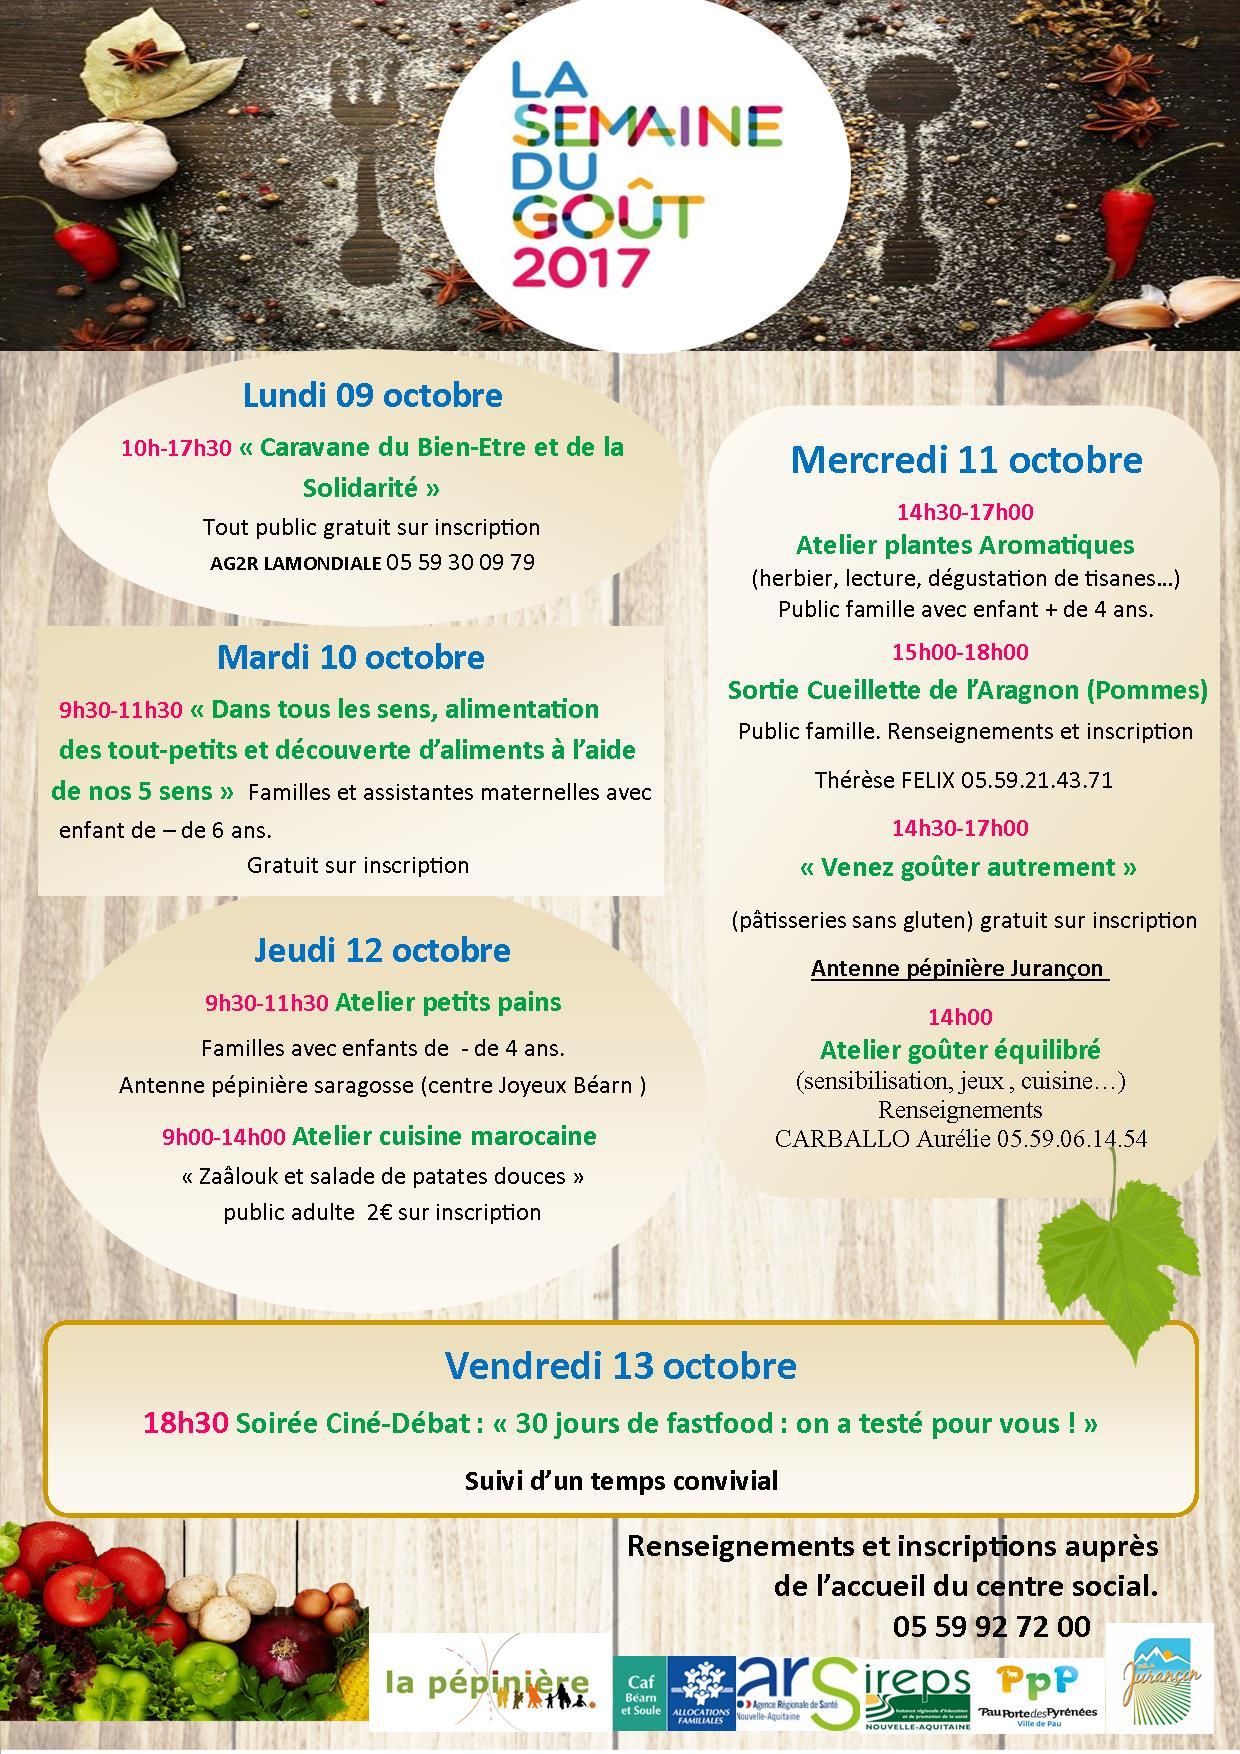 Assez Programme de la semaine du goût 2017 à la Pépinière – La Pépinière MP03